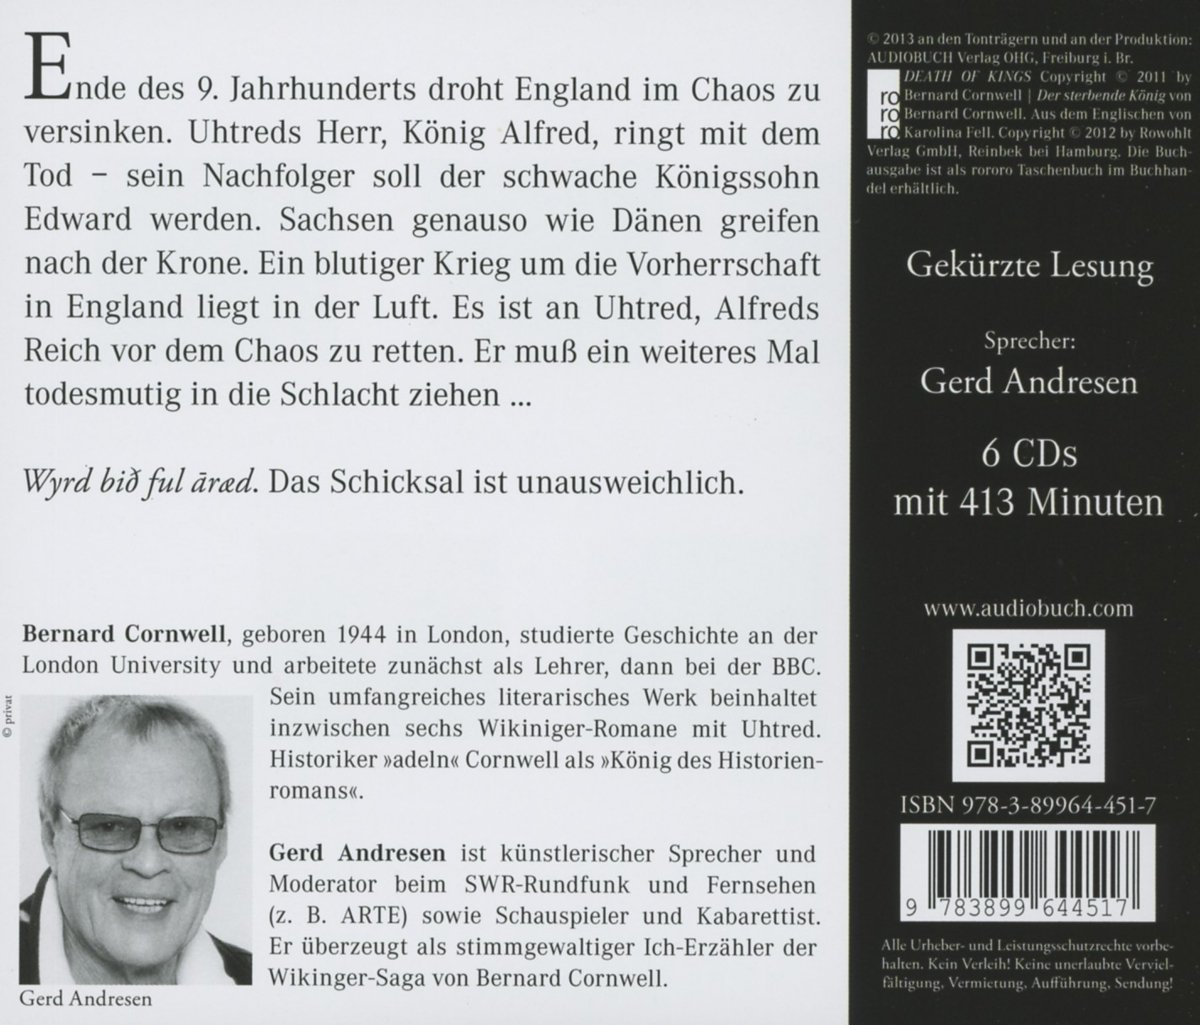 Der sterbende König - Bernard Cornwell (Autor), Gerd Andresen ...